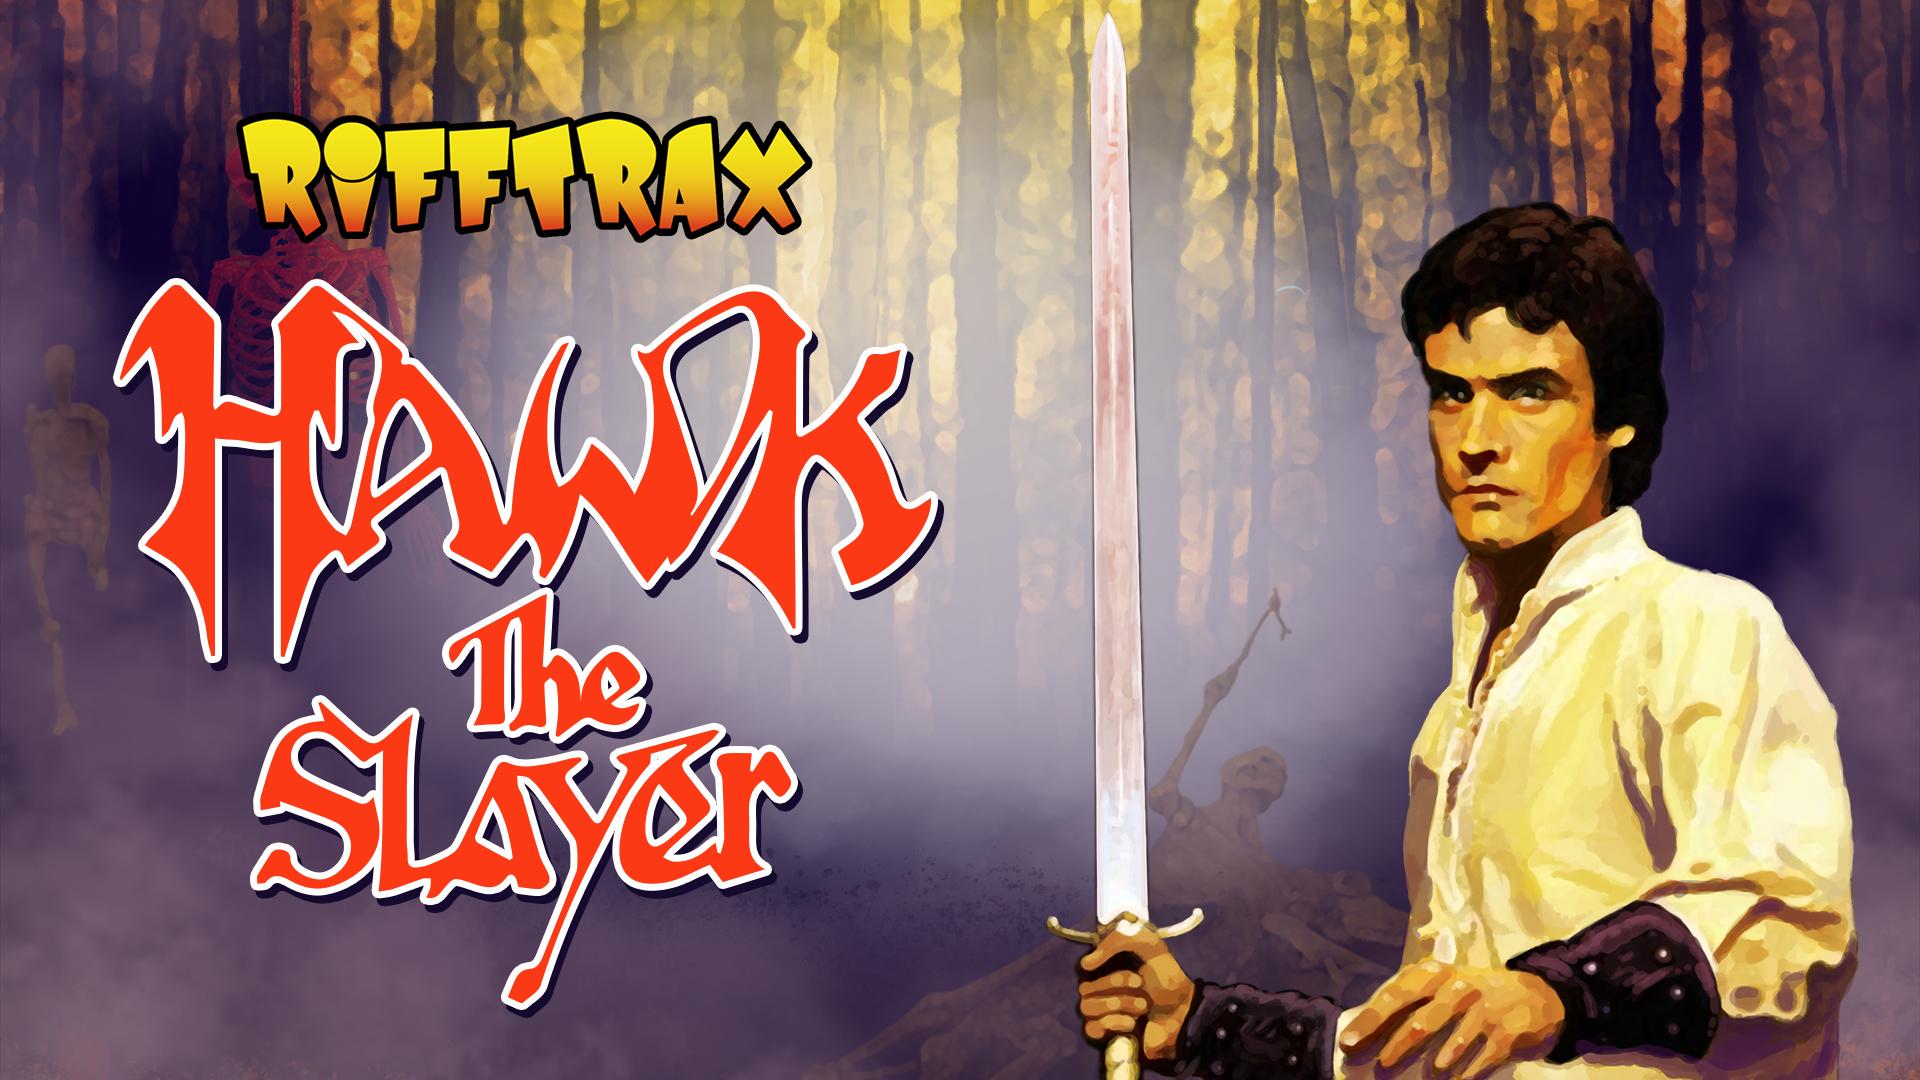 RiffTrax: Hawk the Slayer